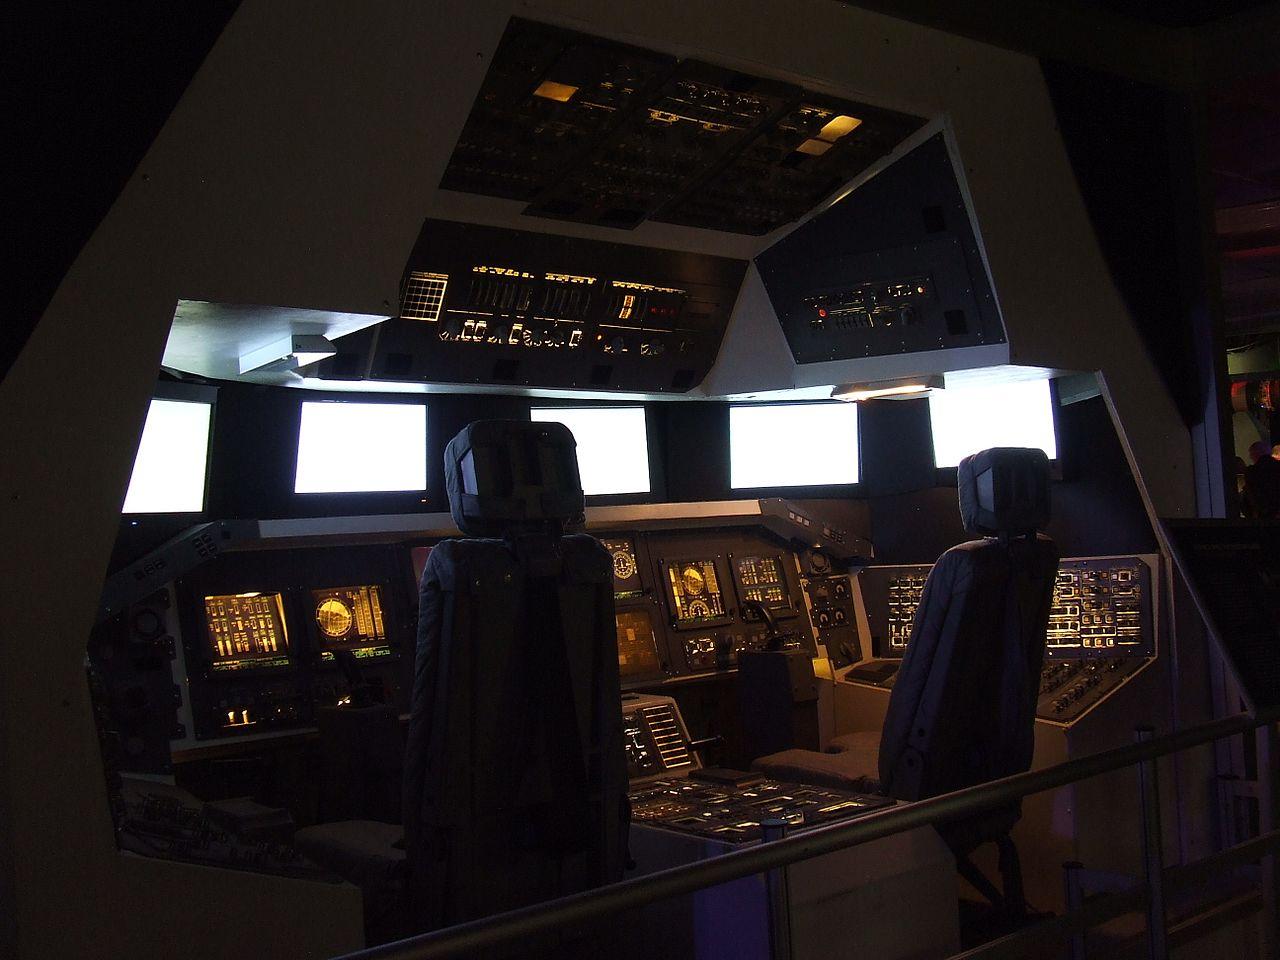 space shuttle original cockpit - photo #21